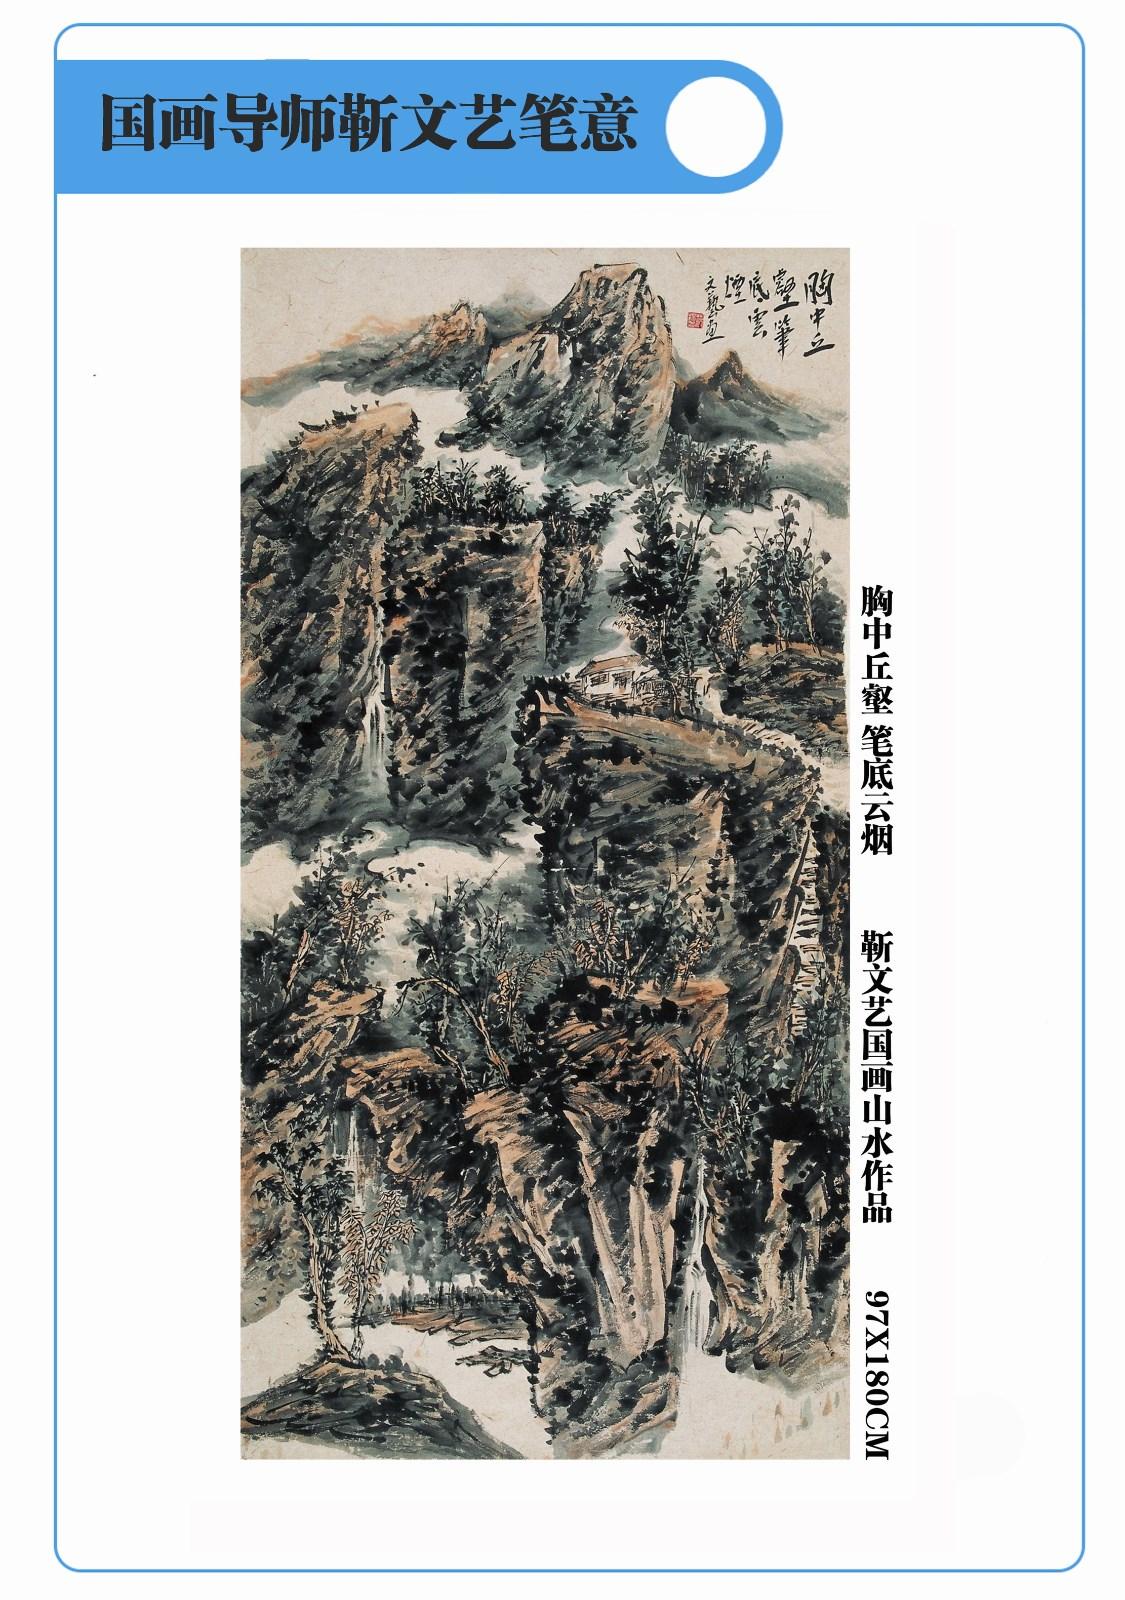 中国画名家笔墨欣赏(二)_图1-4